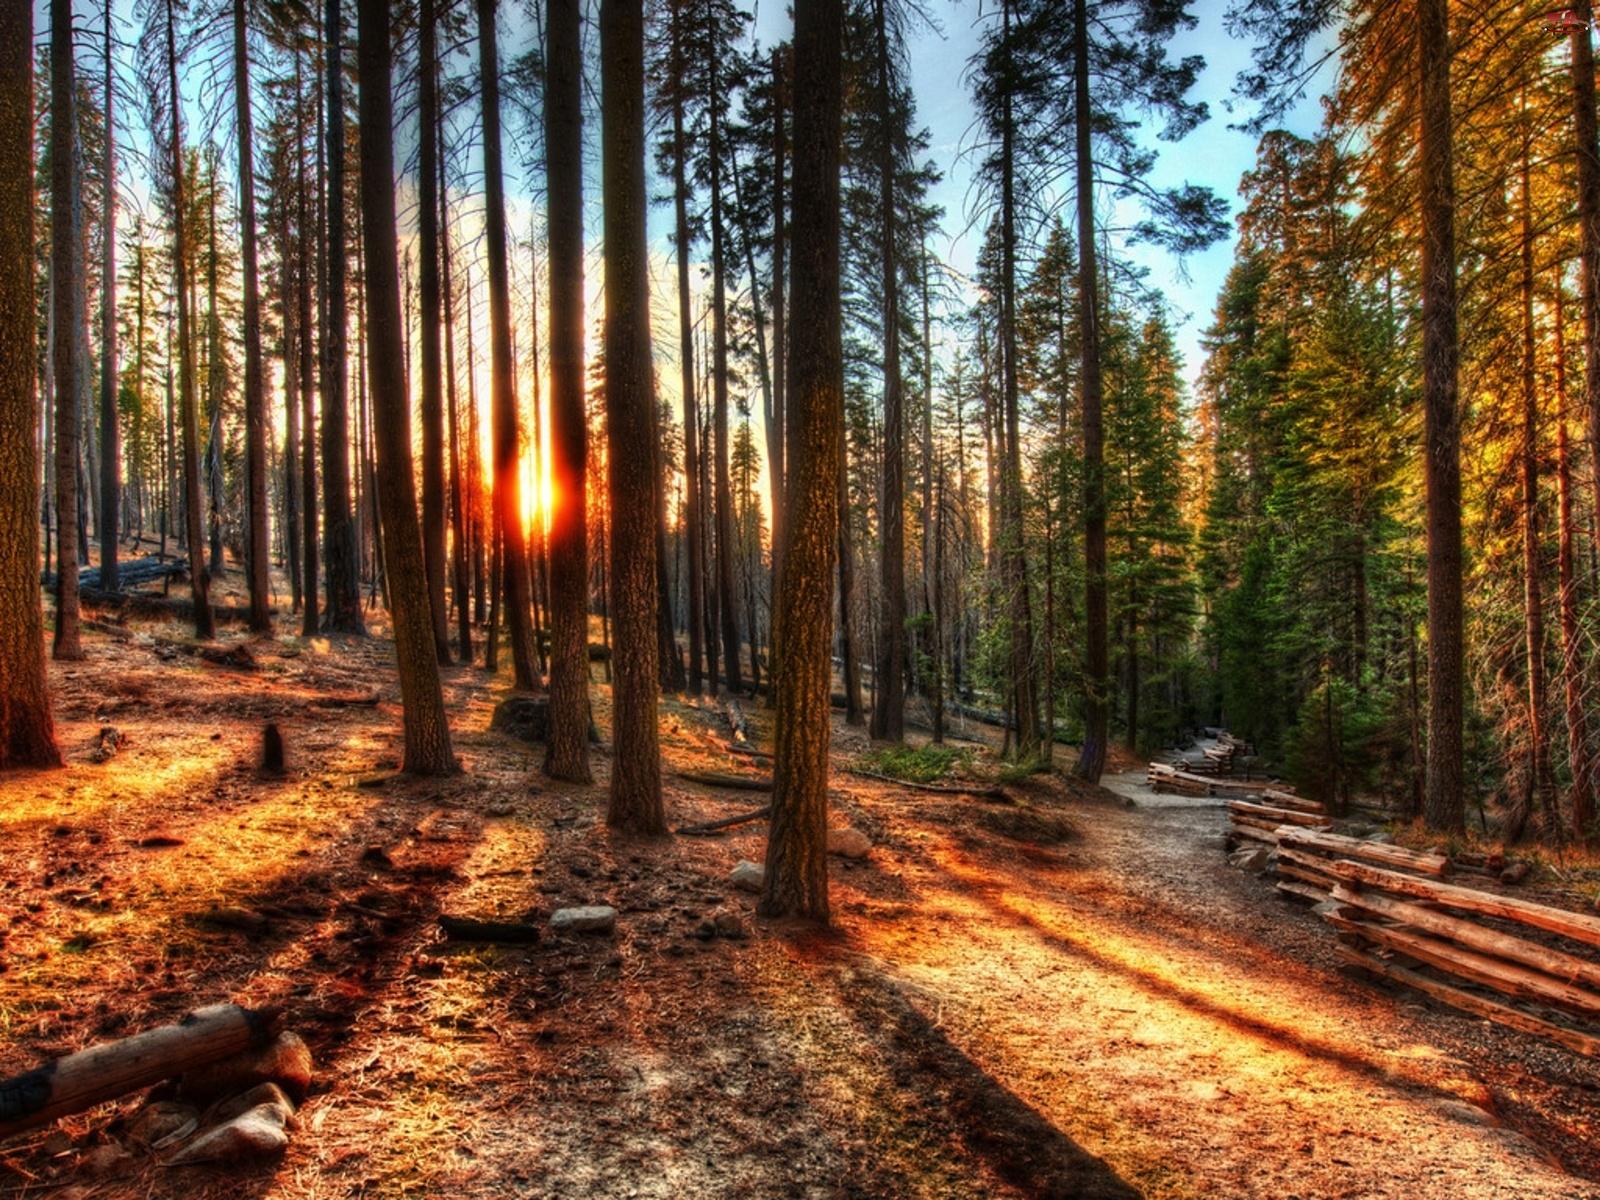 Słońce, Las, Drzewa